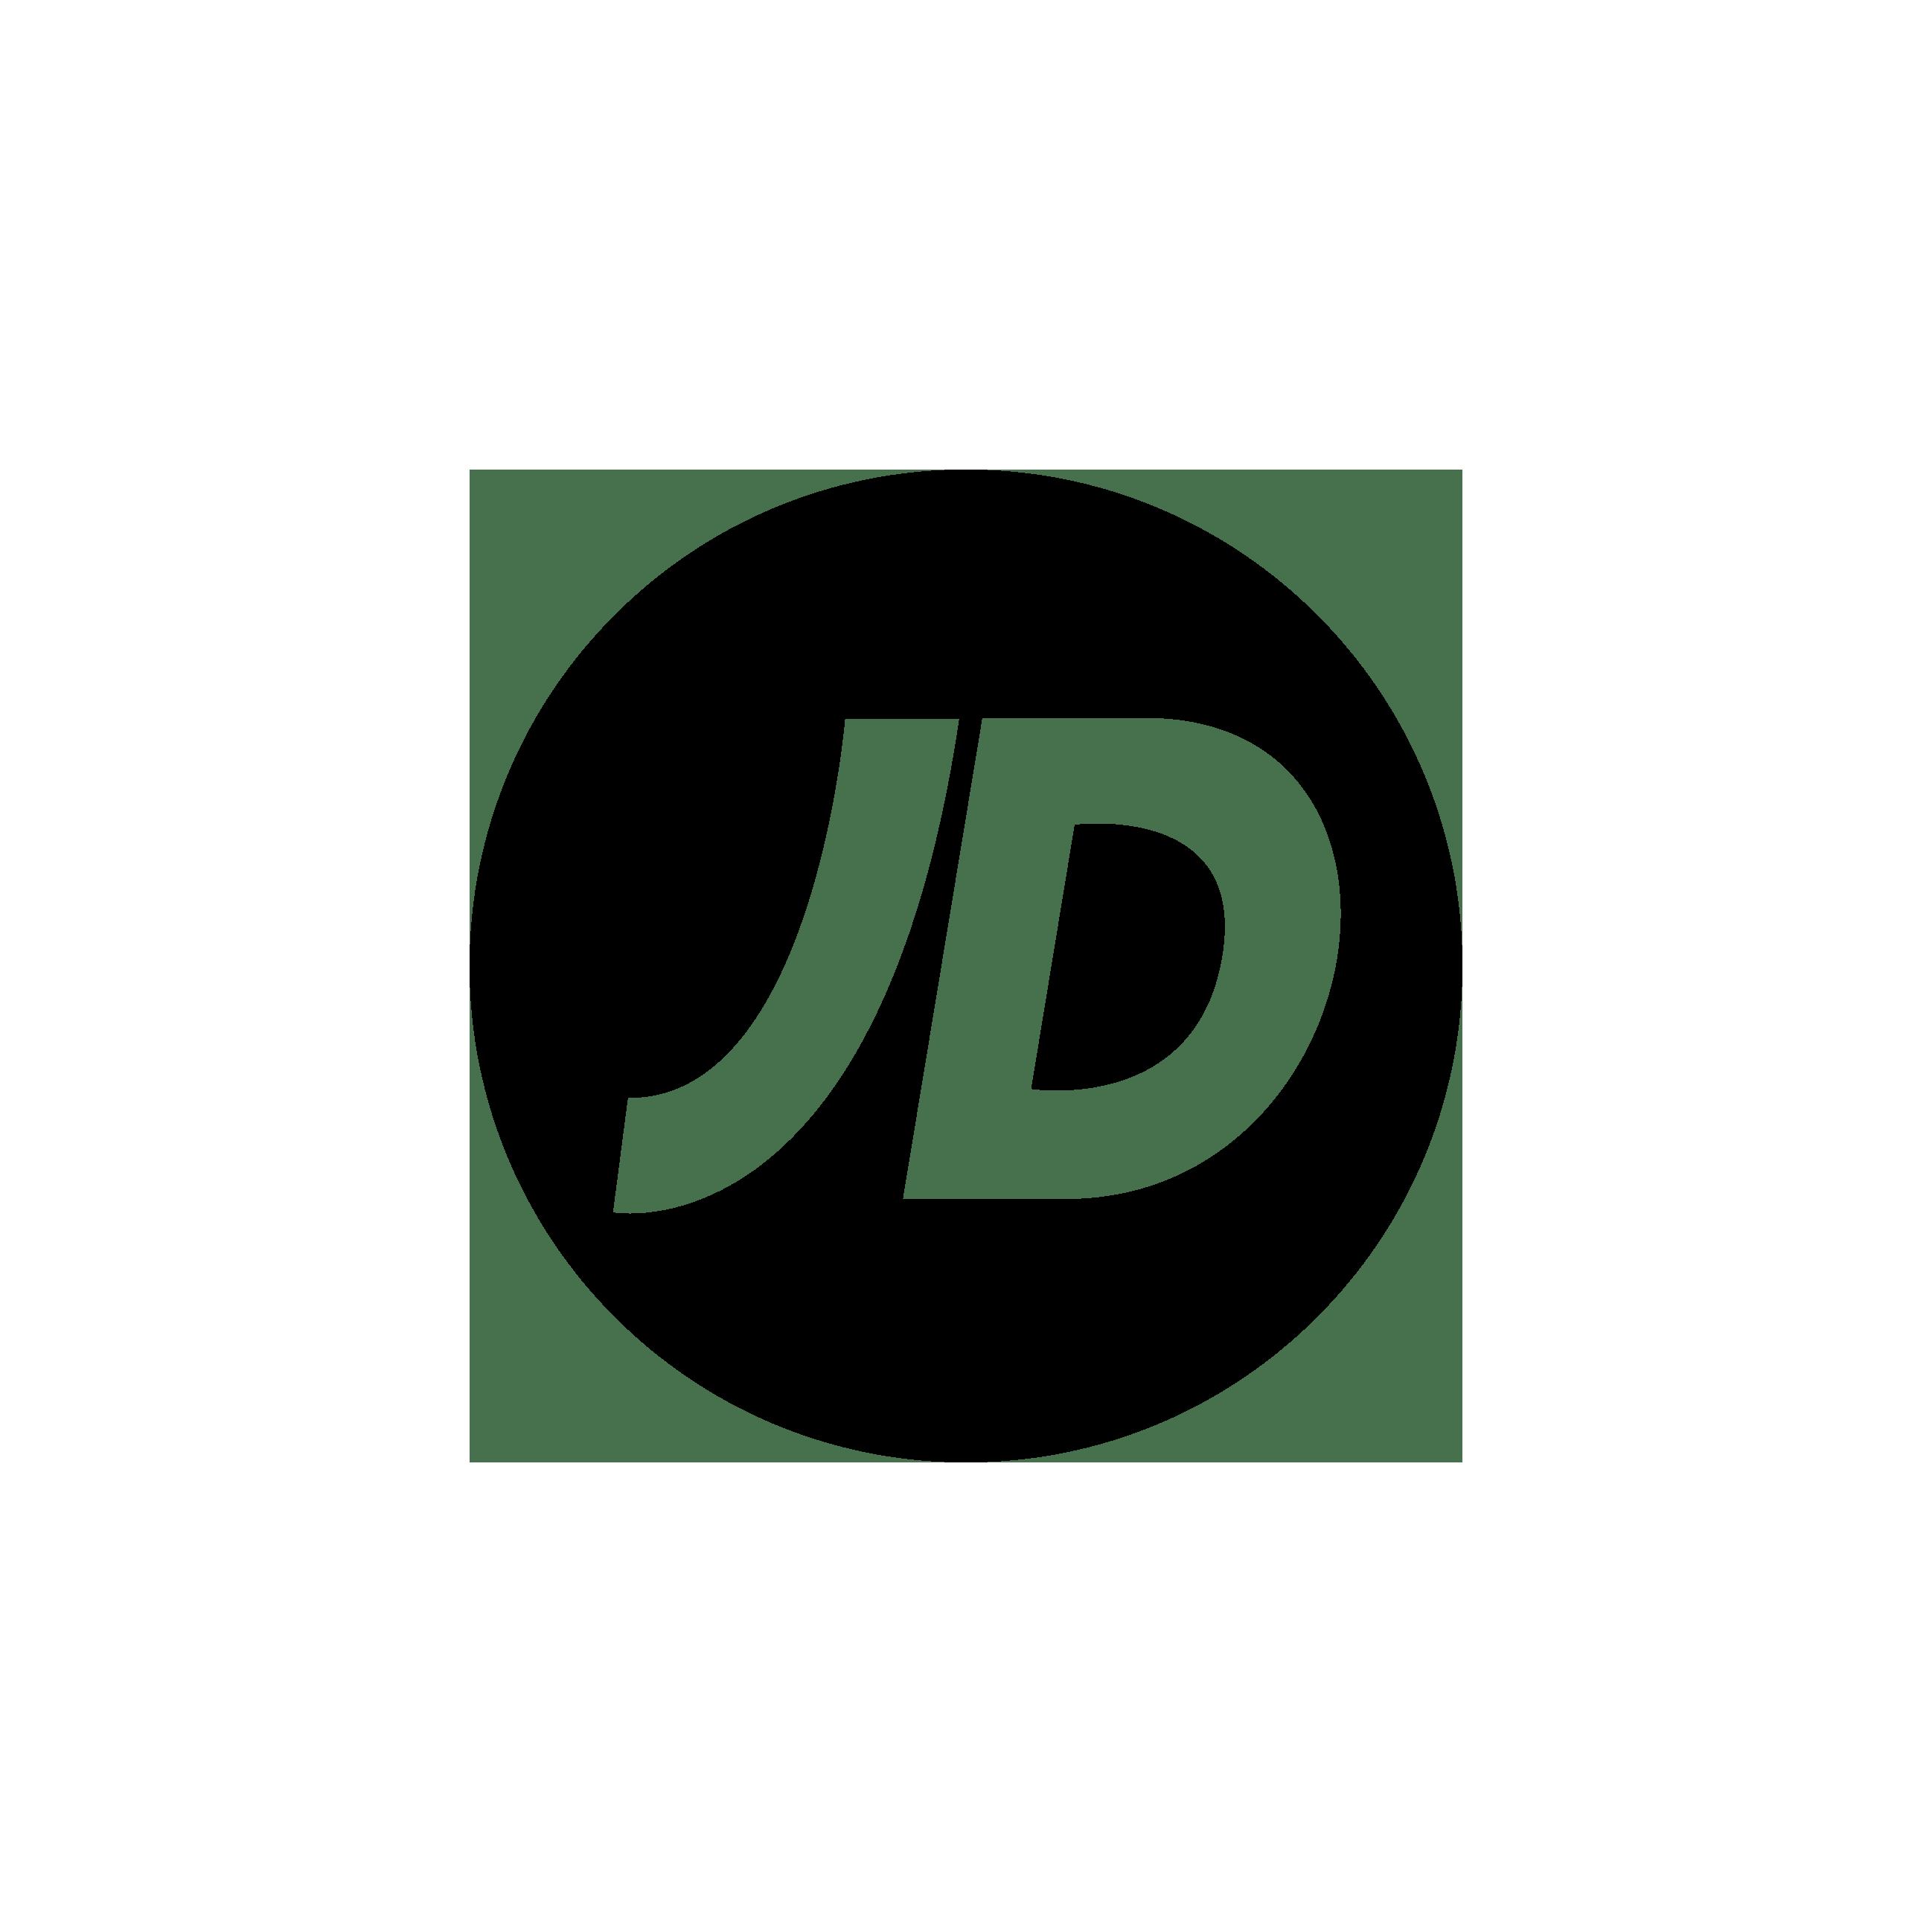 logotipo JD